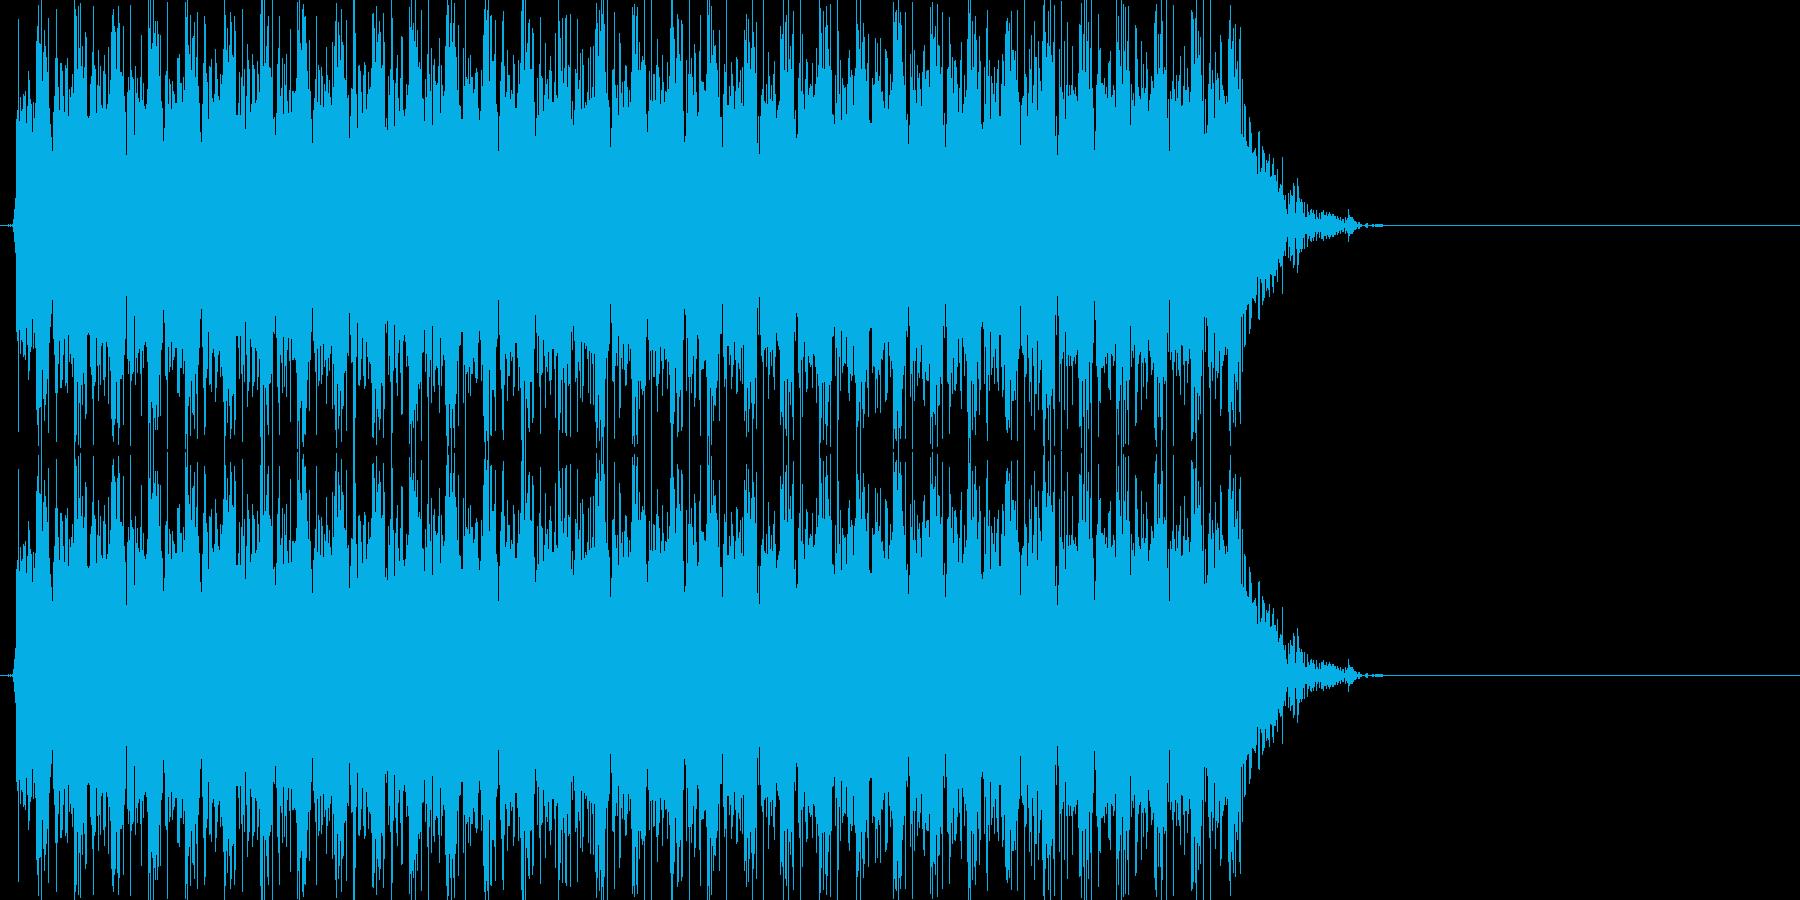 ドドドドドドドド(マシンガン、連射)の再生済みの波形